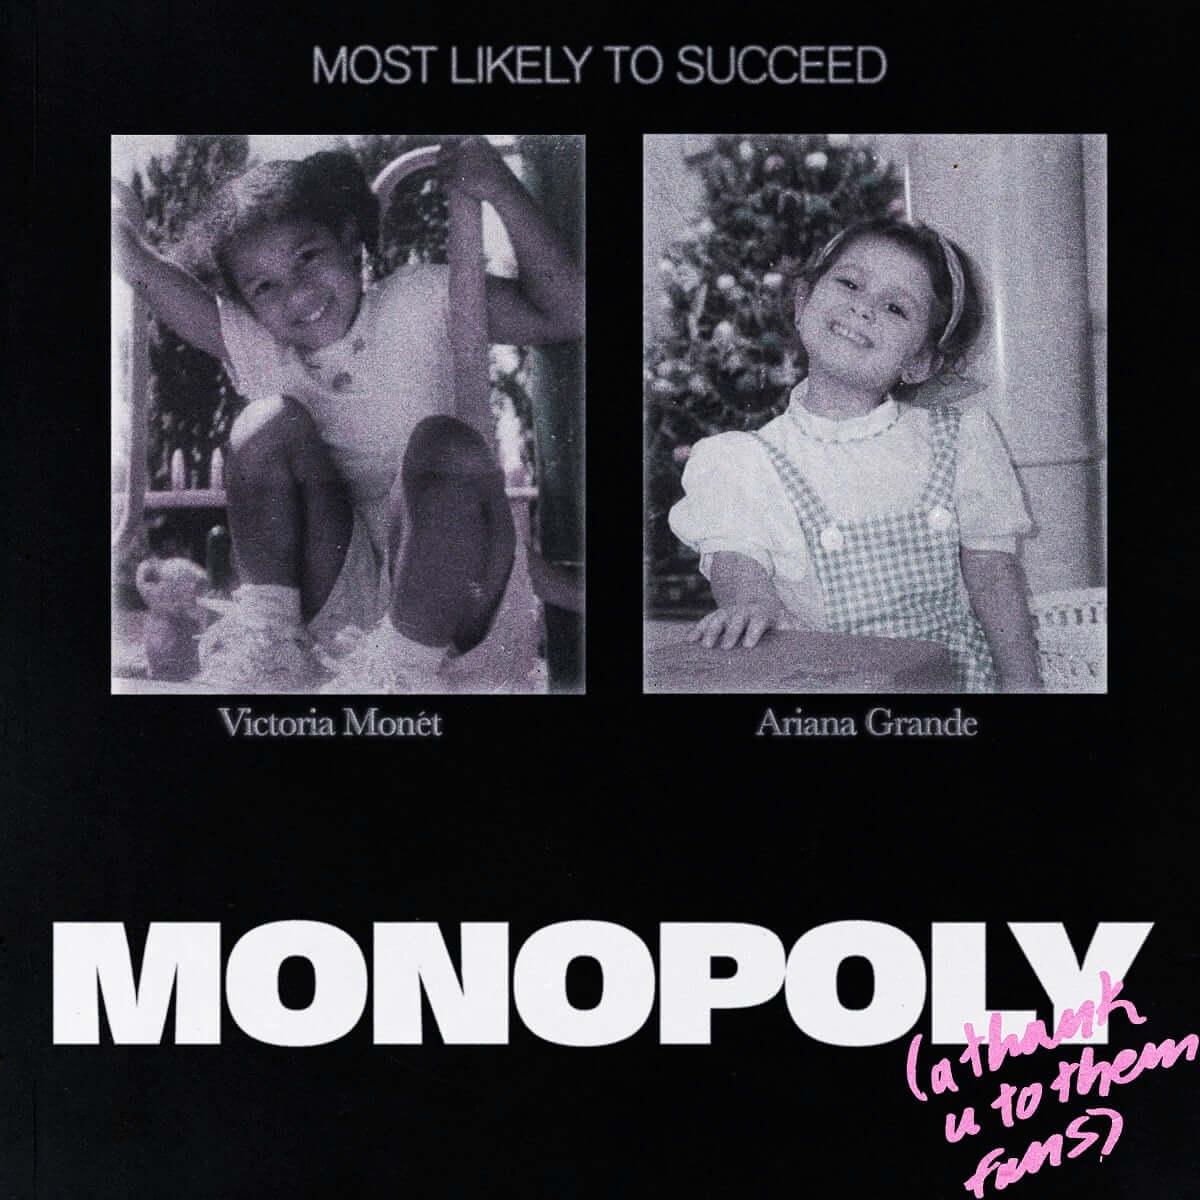 アリアナ・グランデ、親友との新曲「MONOPOLY」を緊急リリース!親友ヴィクトリア・モネとコラボ music190402_arianagrande_1-1200x1200